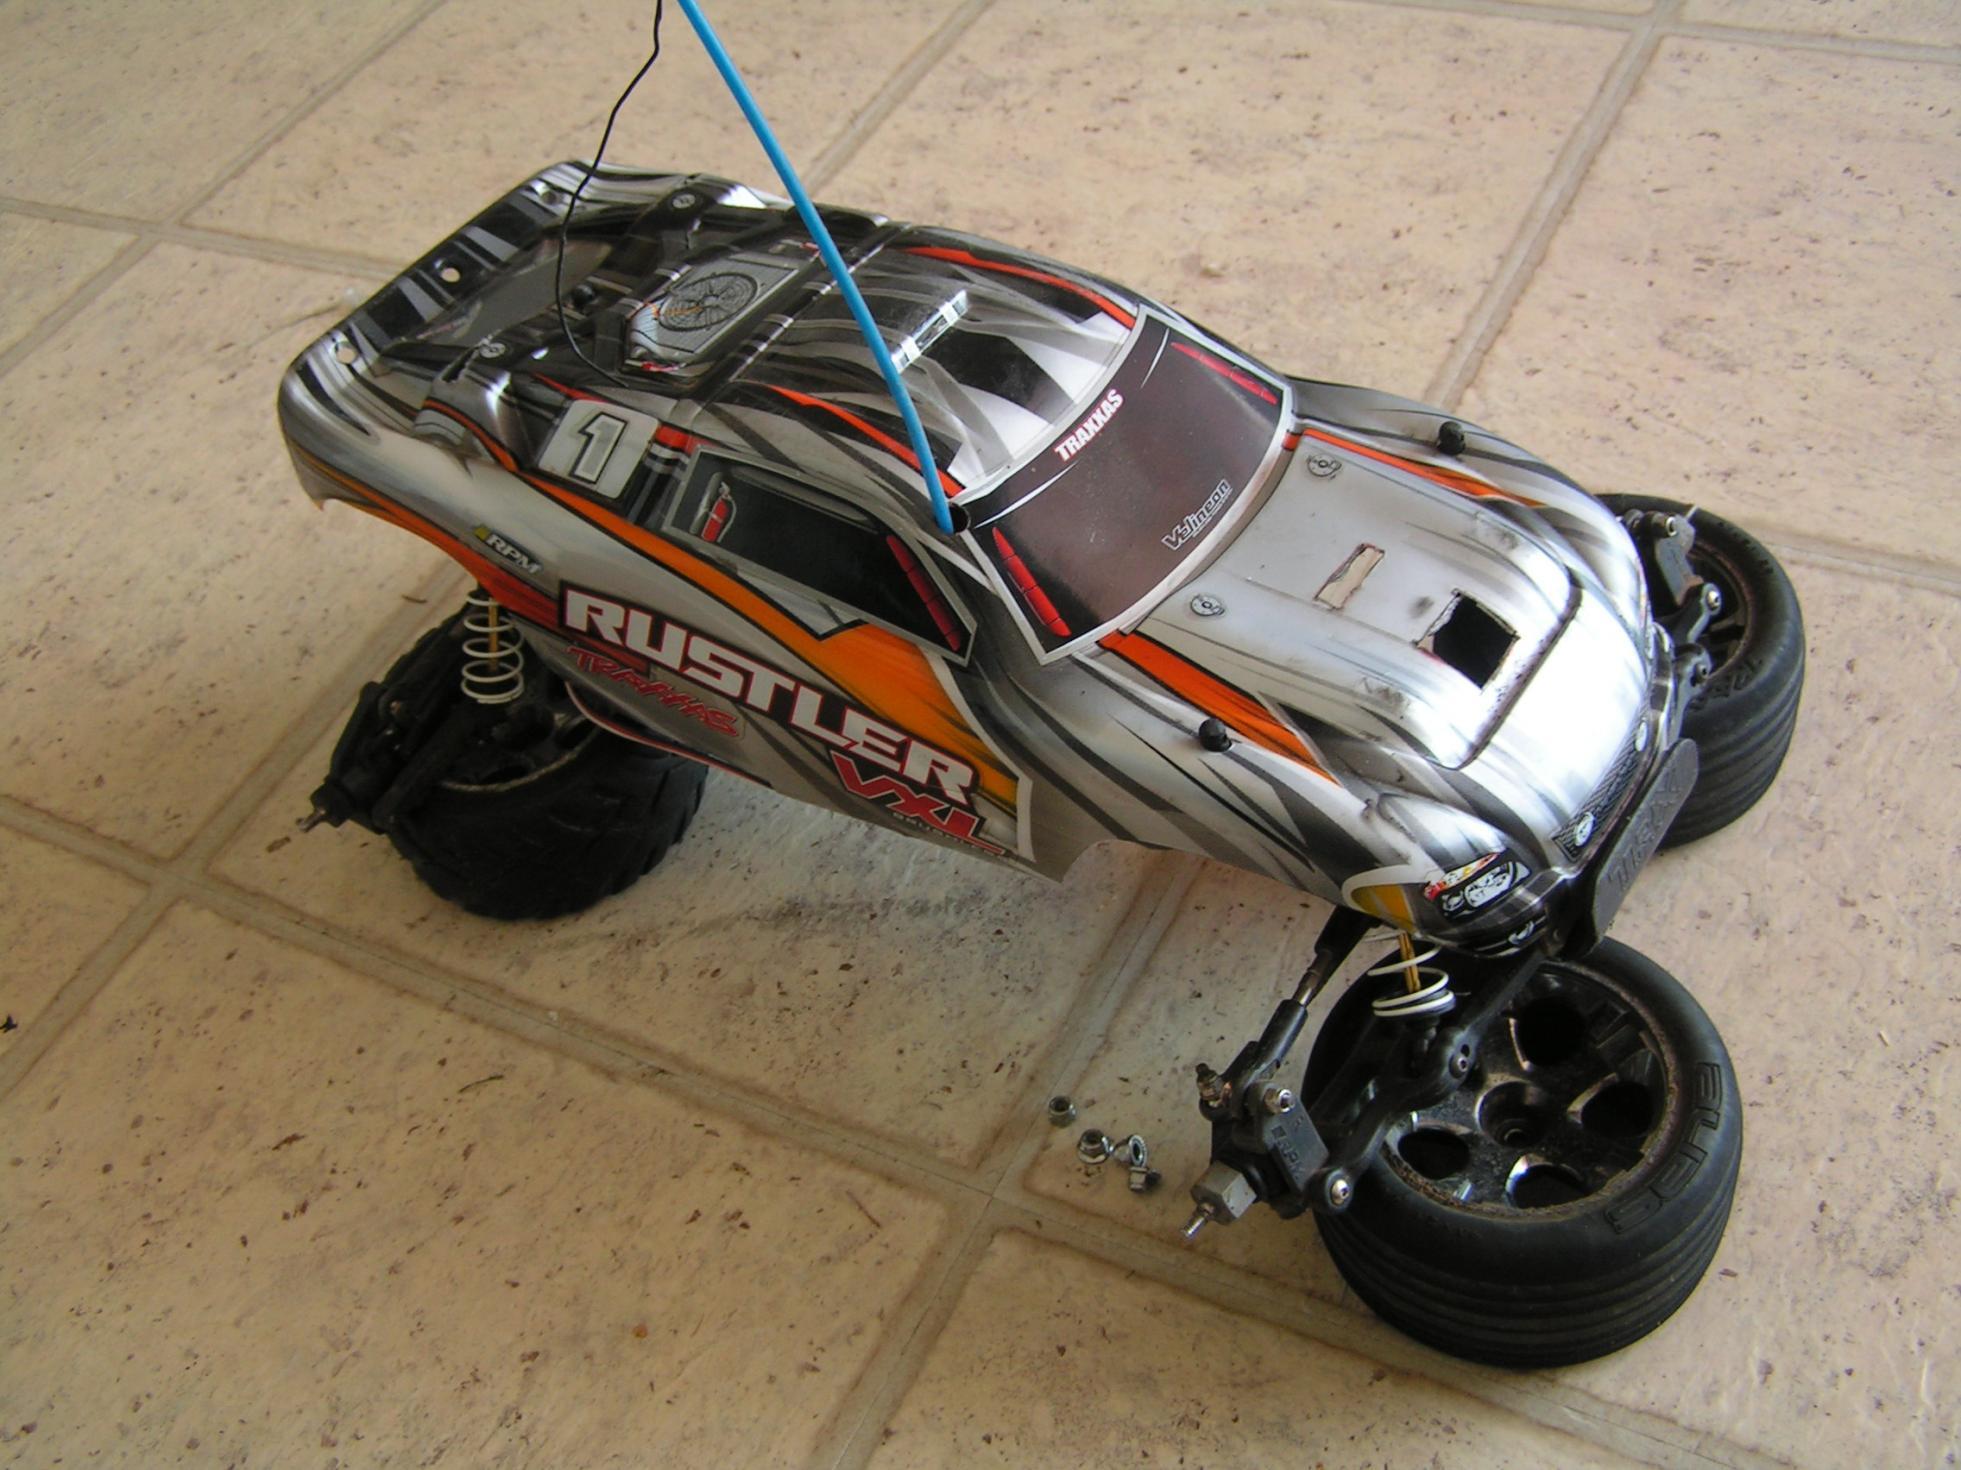 Traxxas Rustler VXL RTR 2 bo s manual pict0191